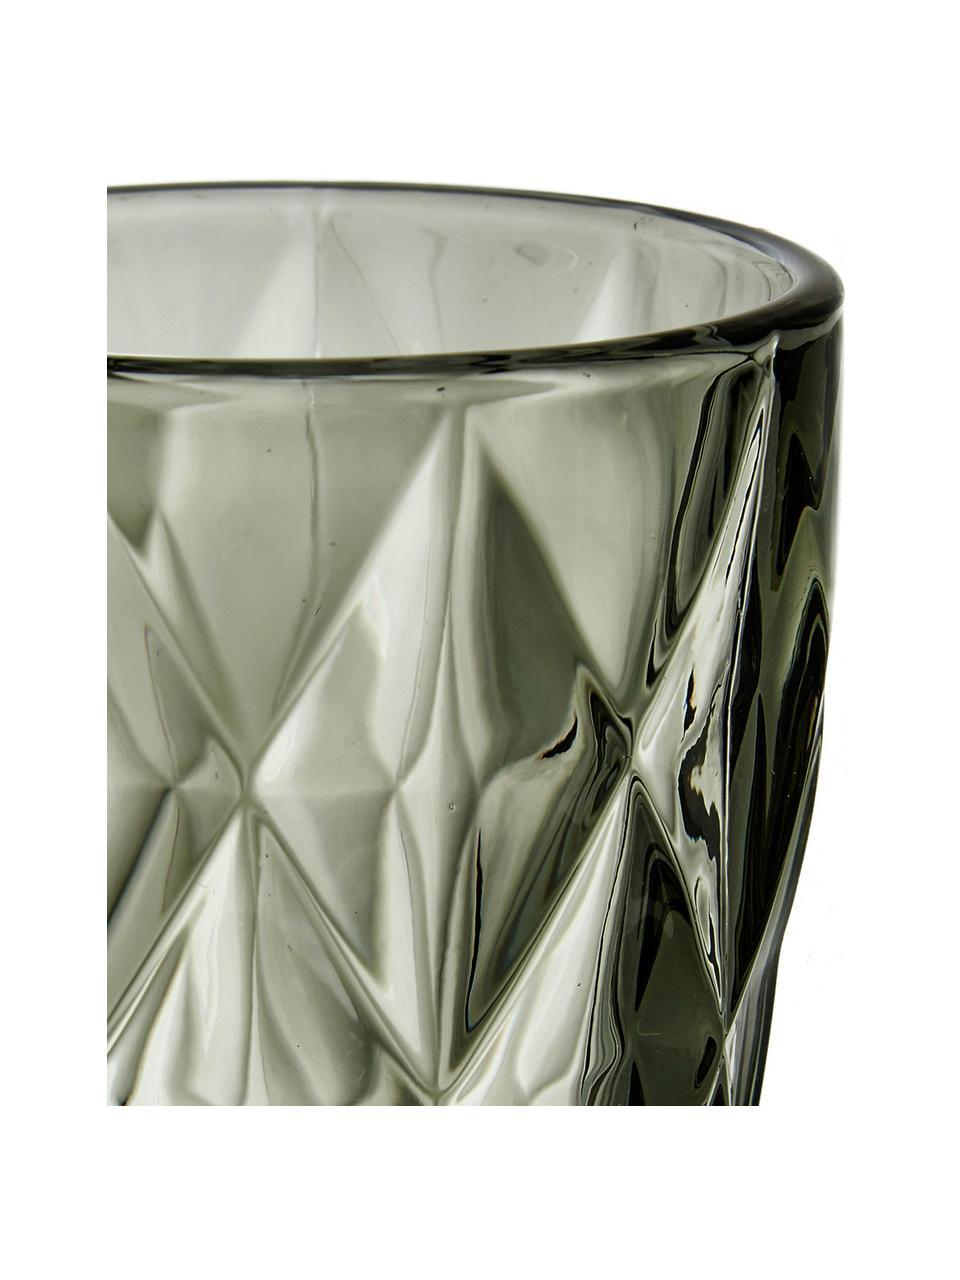 Sklenice se strukturálním vzorem Colorado, 4 ks, Šedá, transparentní